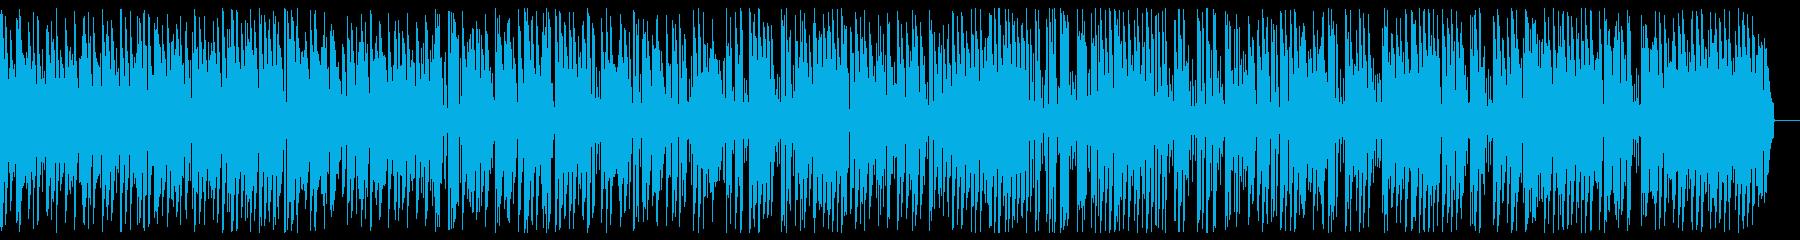 優雅で明るいお洒落 ジャズピアノBGMの再生済みの波形